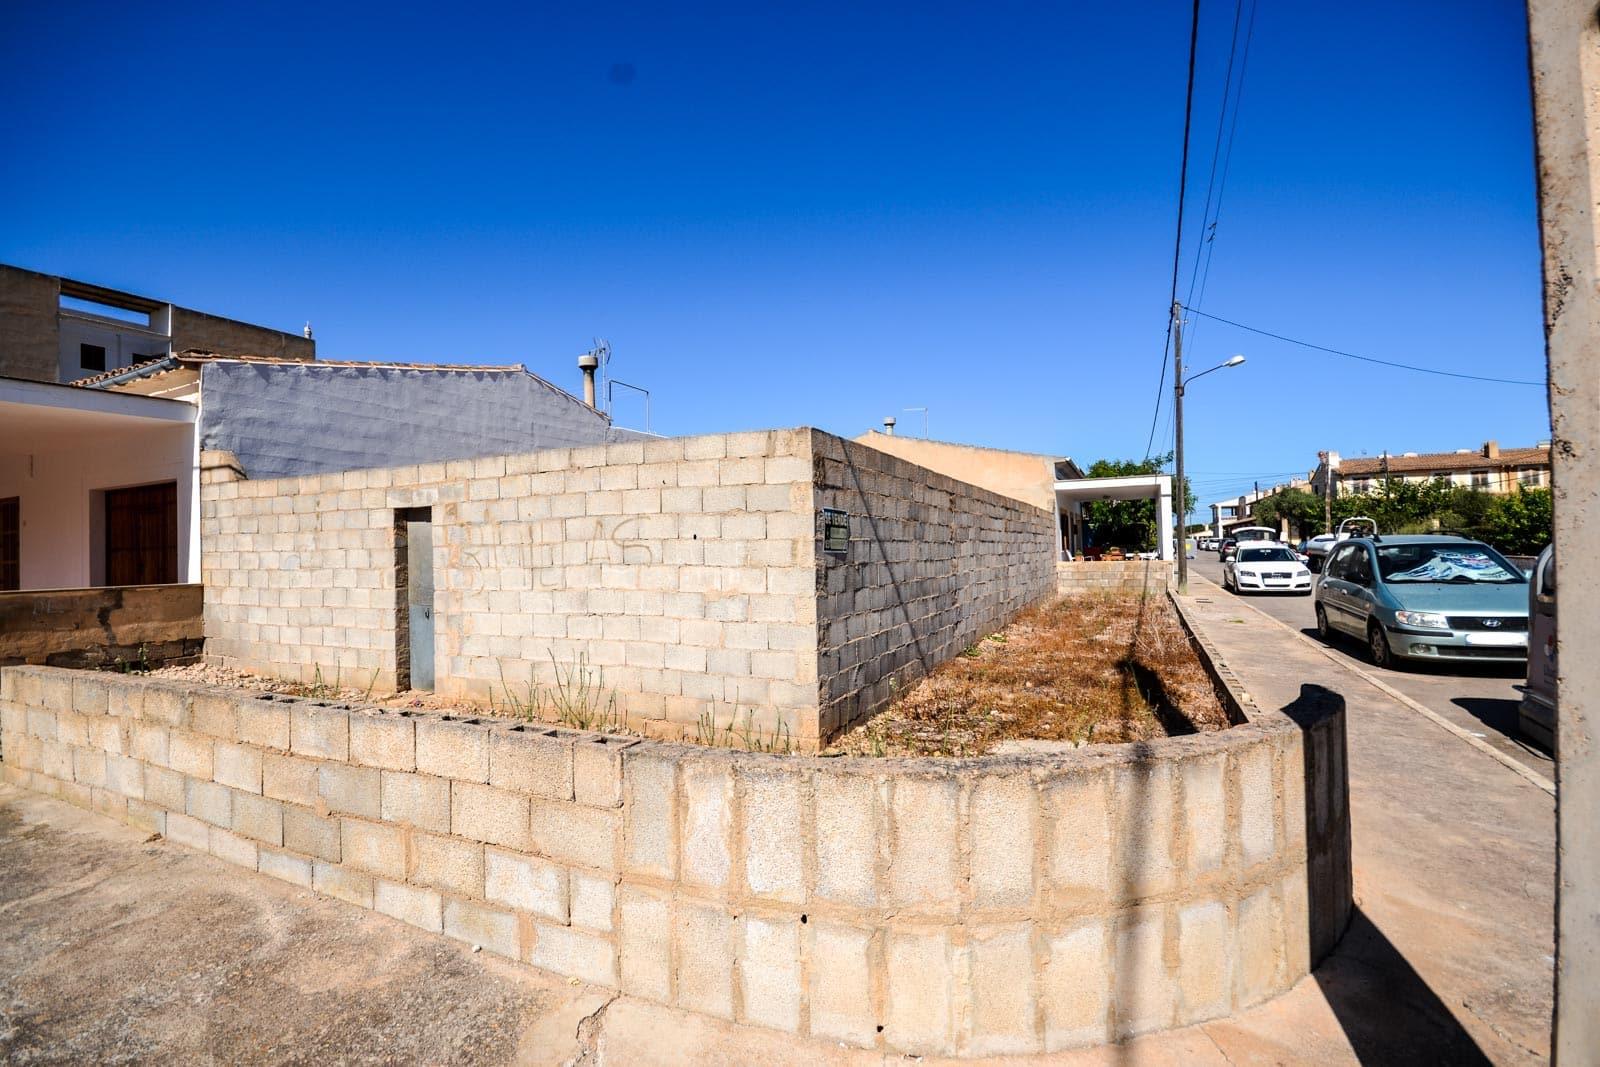 Baugrundstück 200 meter vom Meer entfernt in S'Estanyol